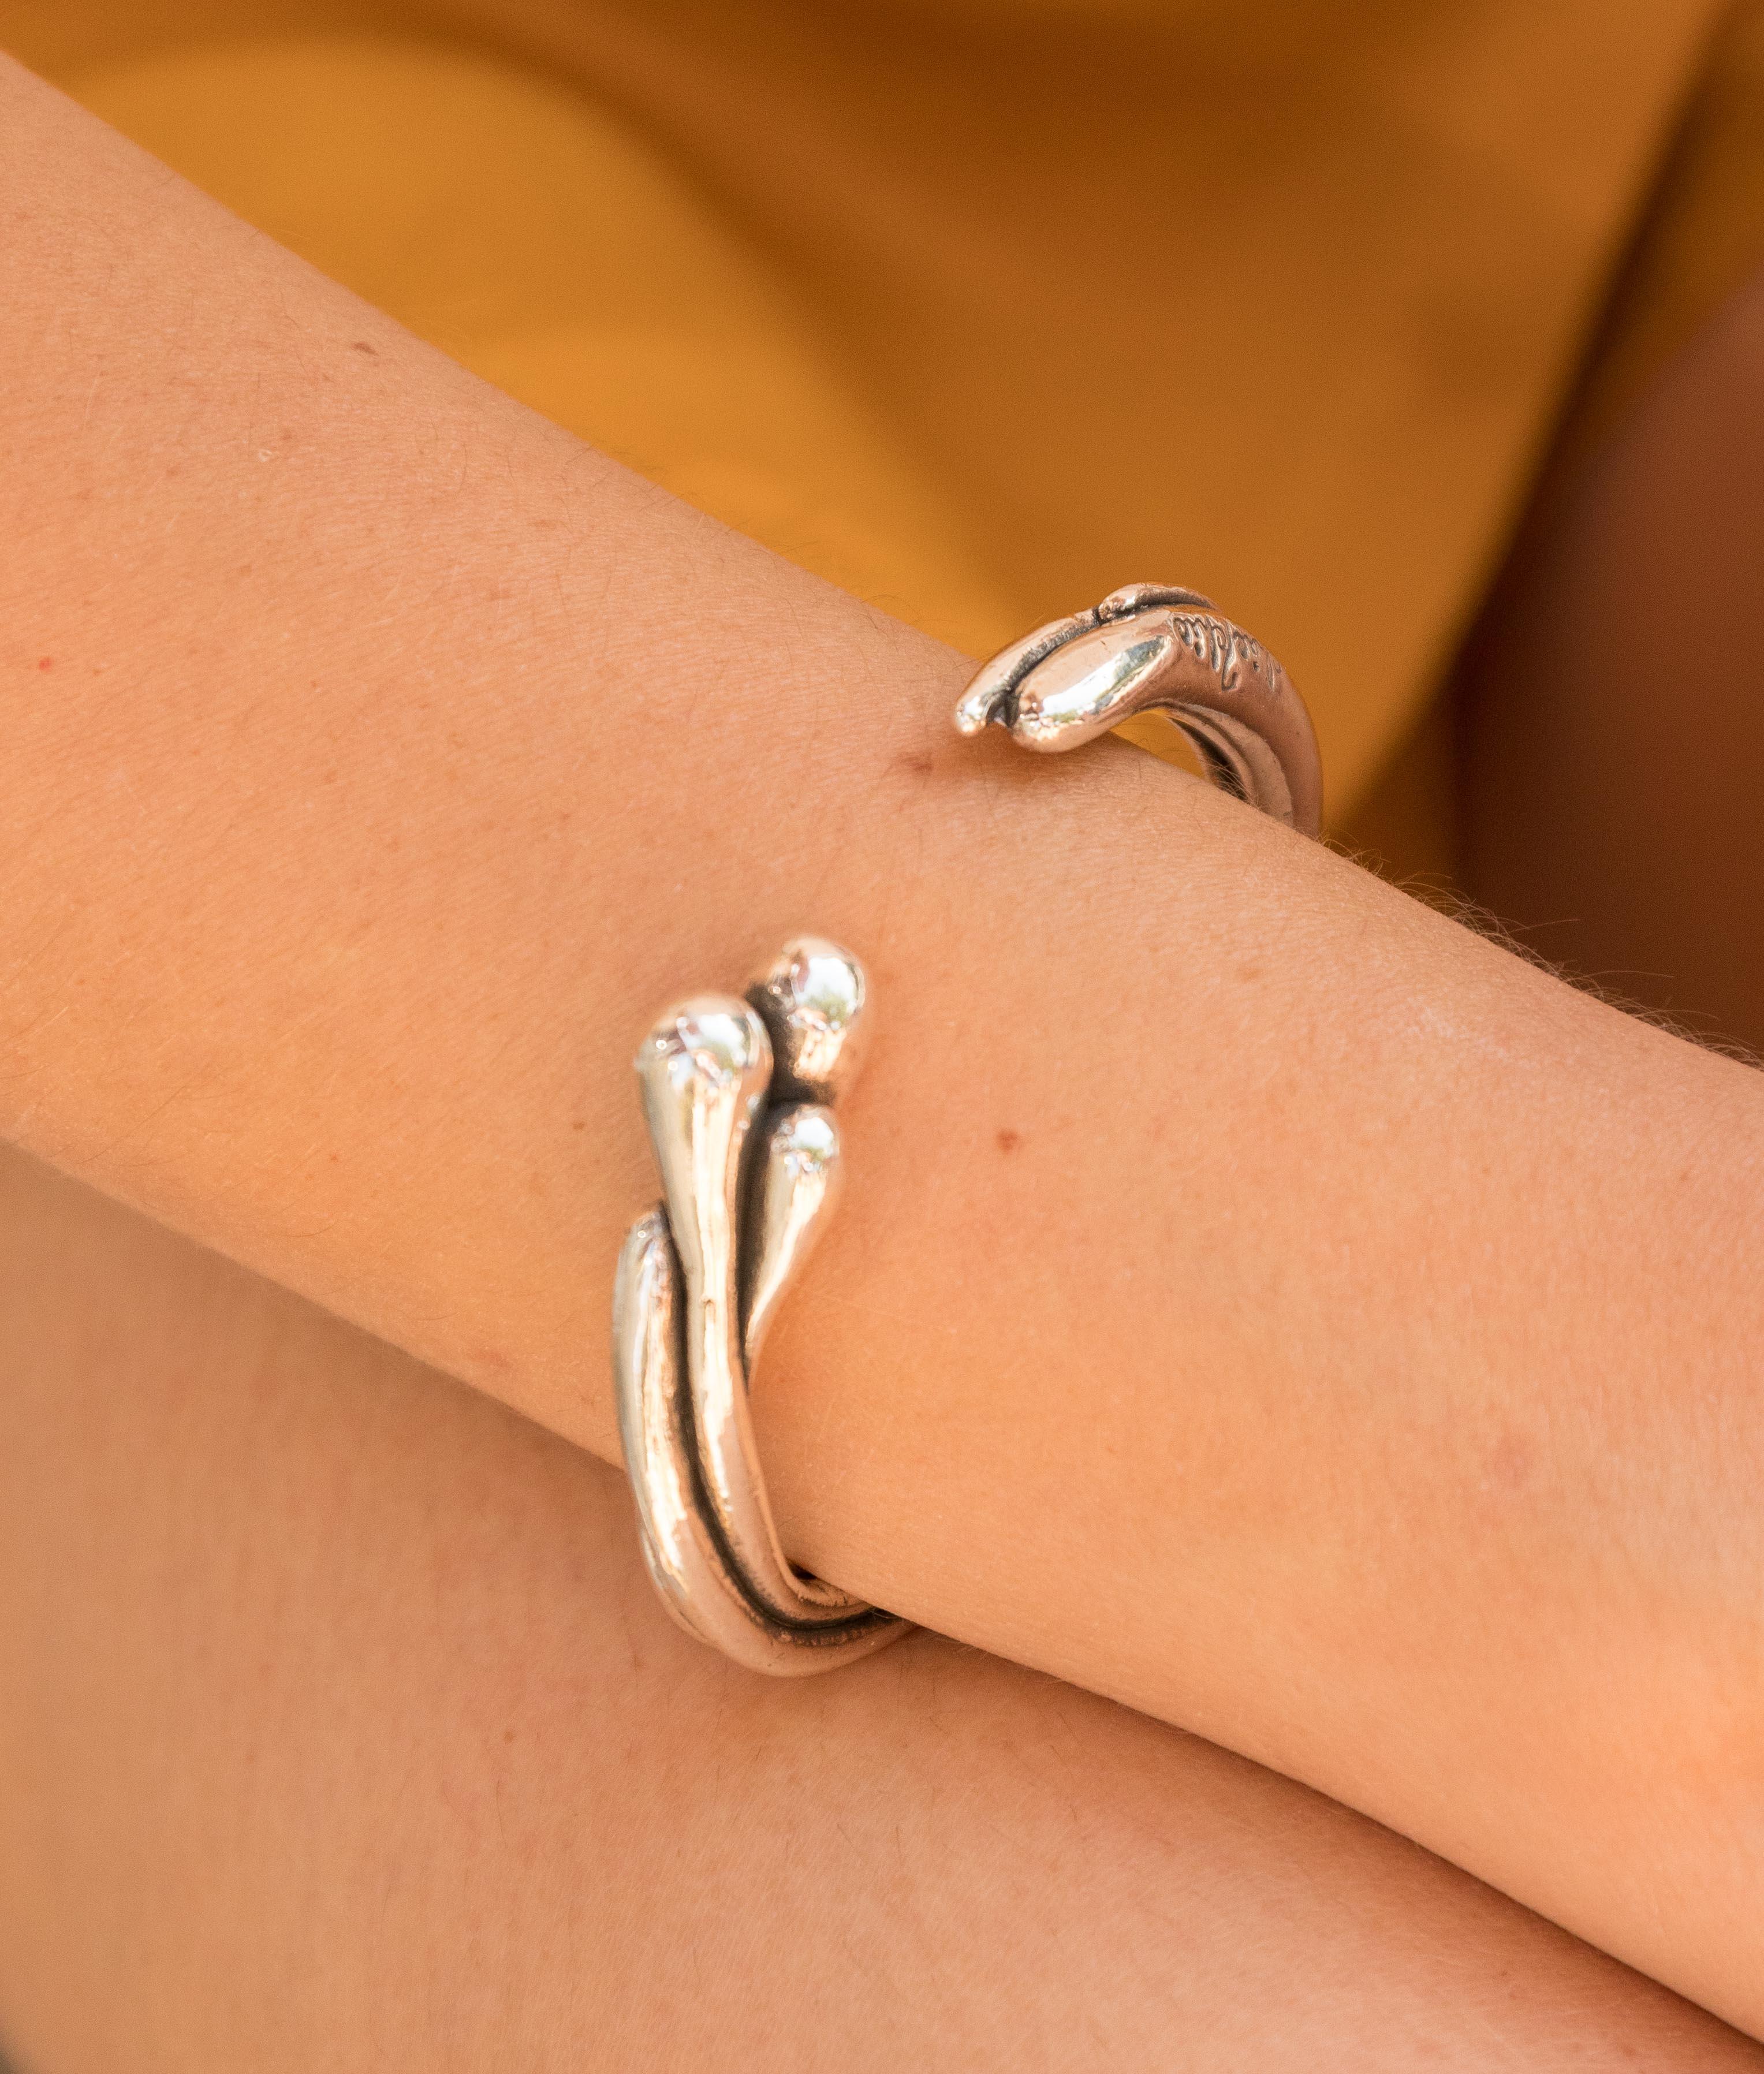 Bracelet Brotes - Silver